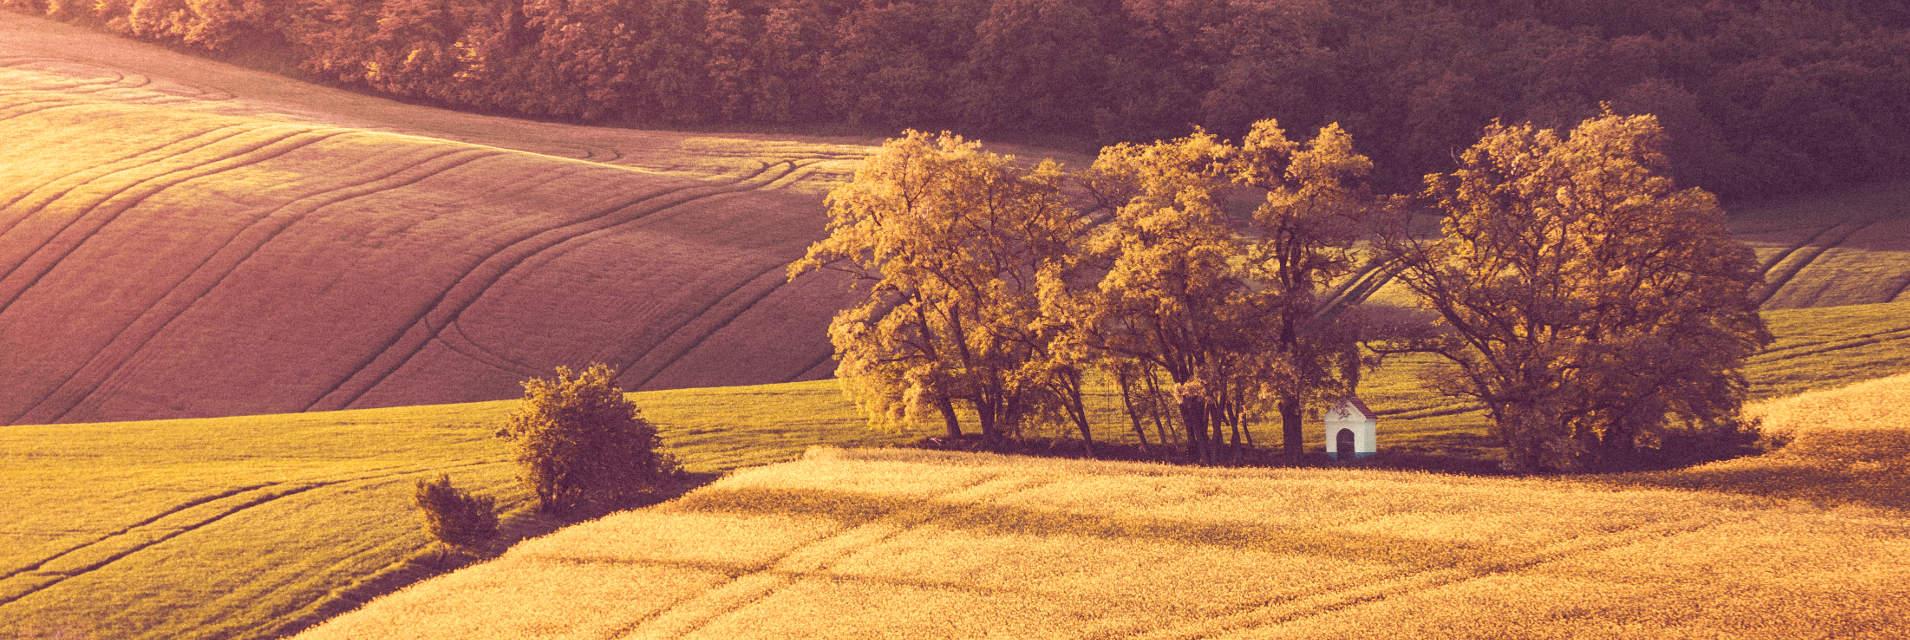 Kirche-unter-Baeumen-in-einem-Feld-Wer-und-warum